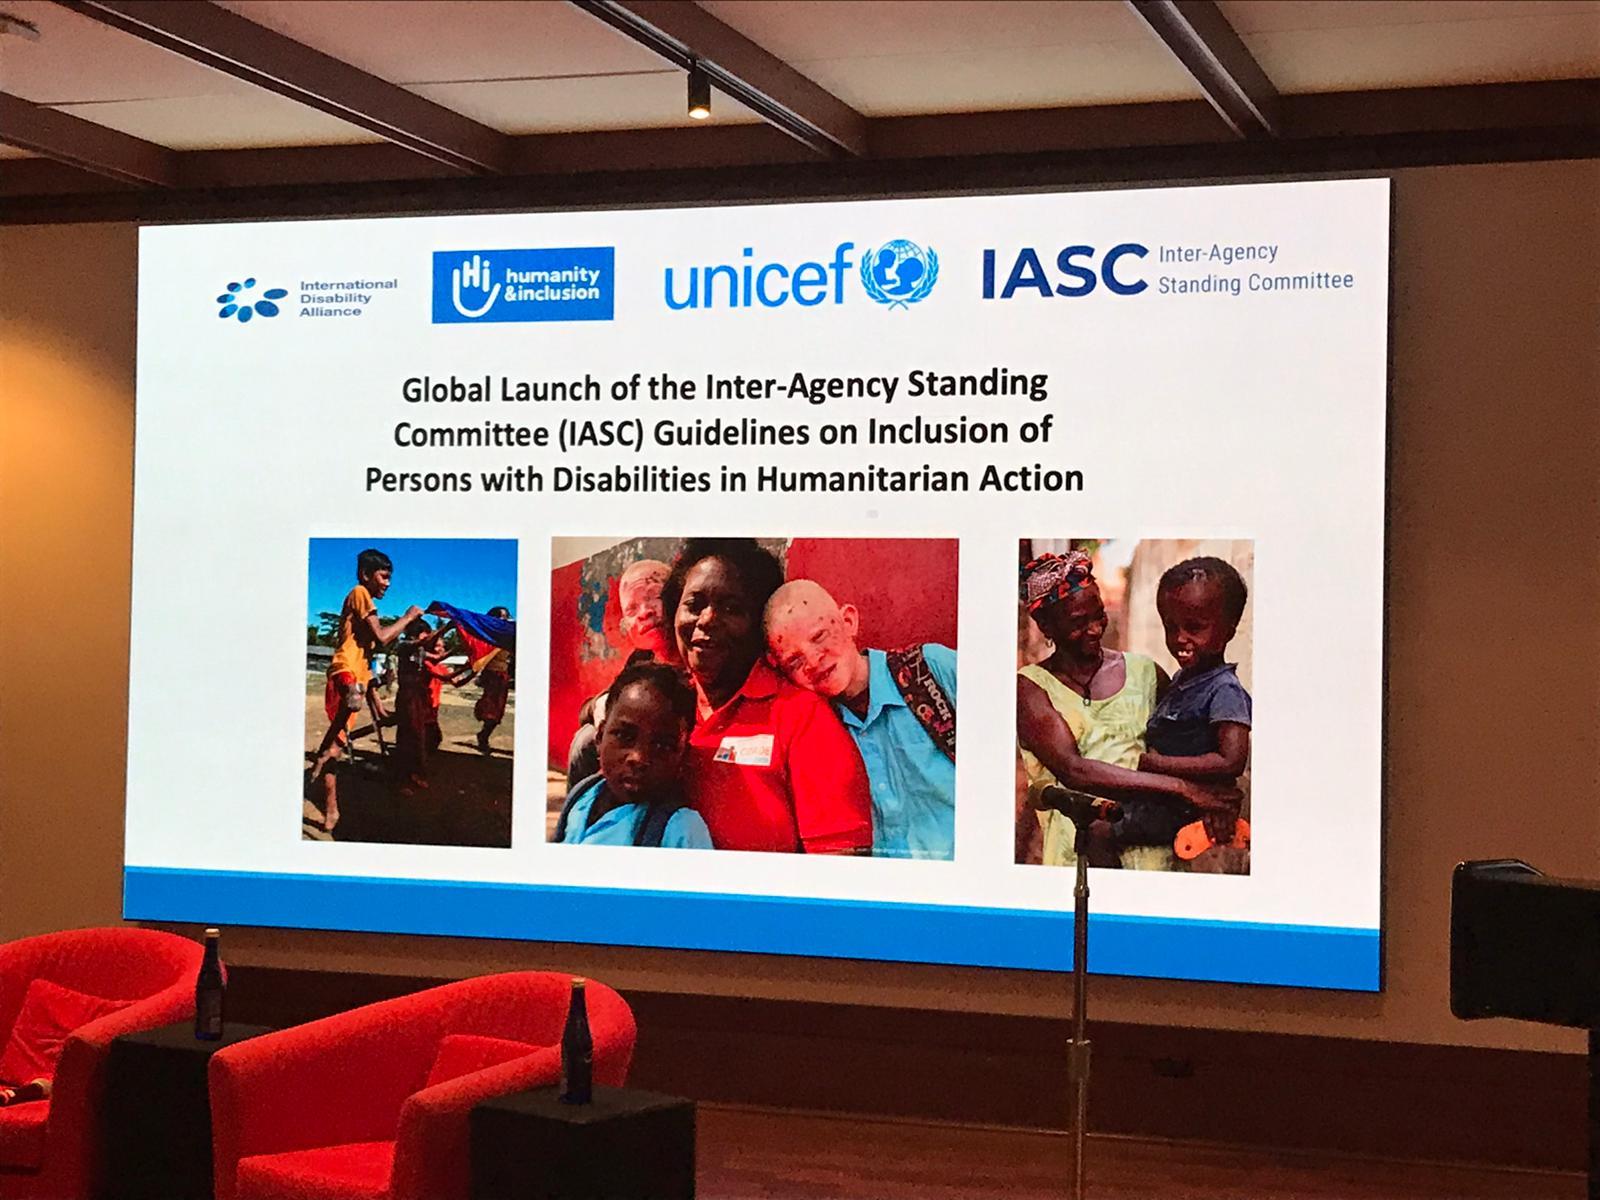 Globaler Launch der IASC-Leitlinien in New York (November, 2019). Veranstaltungsraum mit dem Backdrop der Veranstaltung.